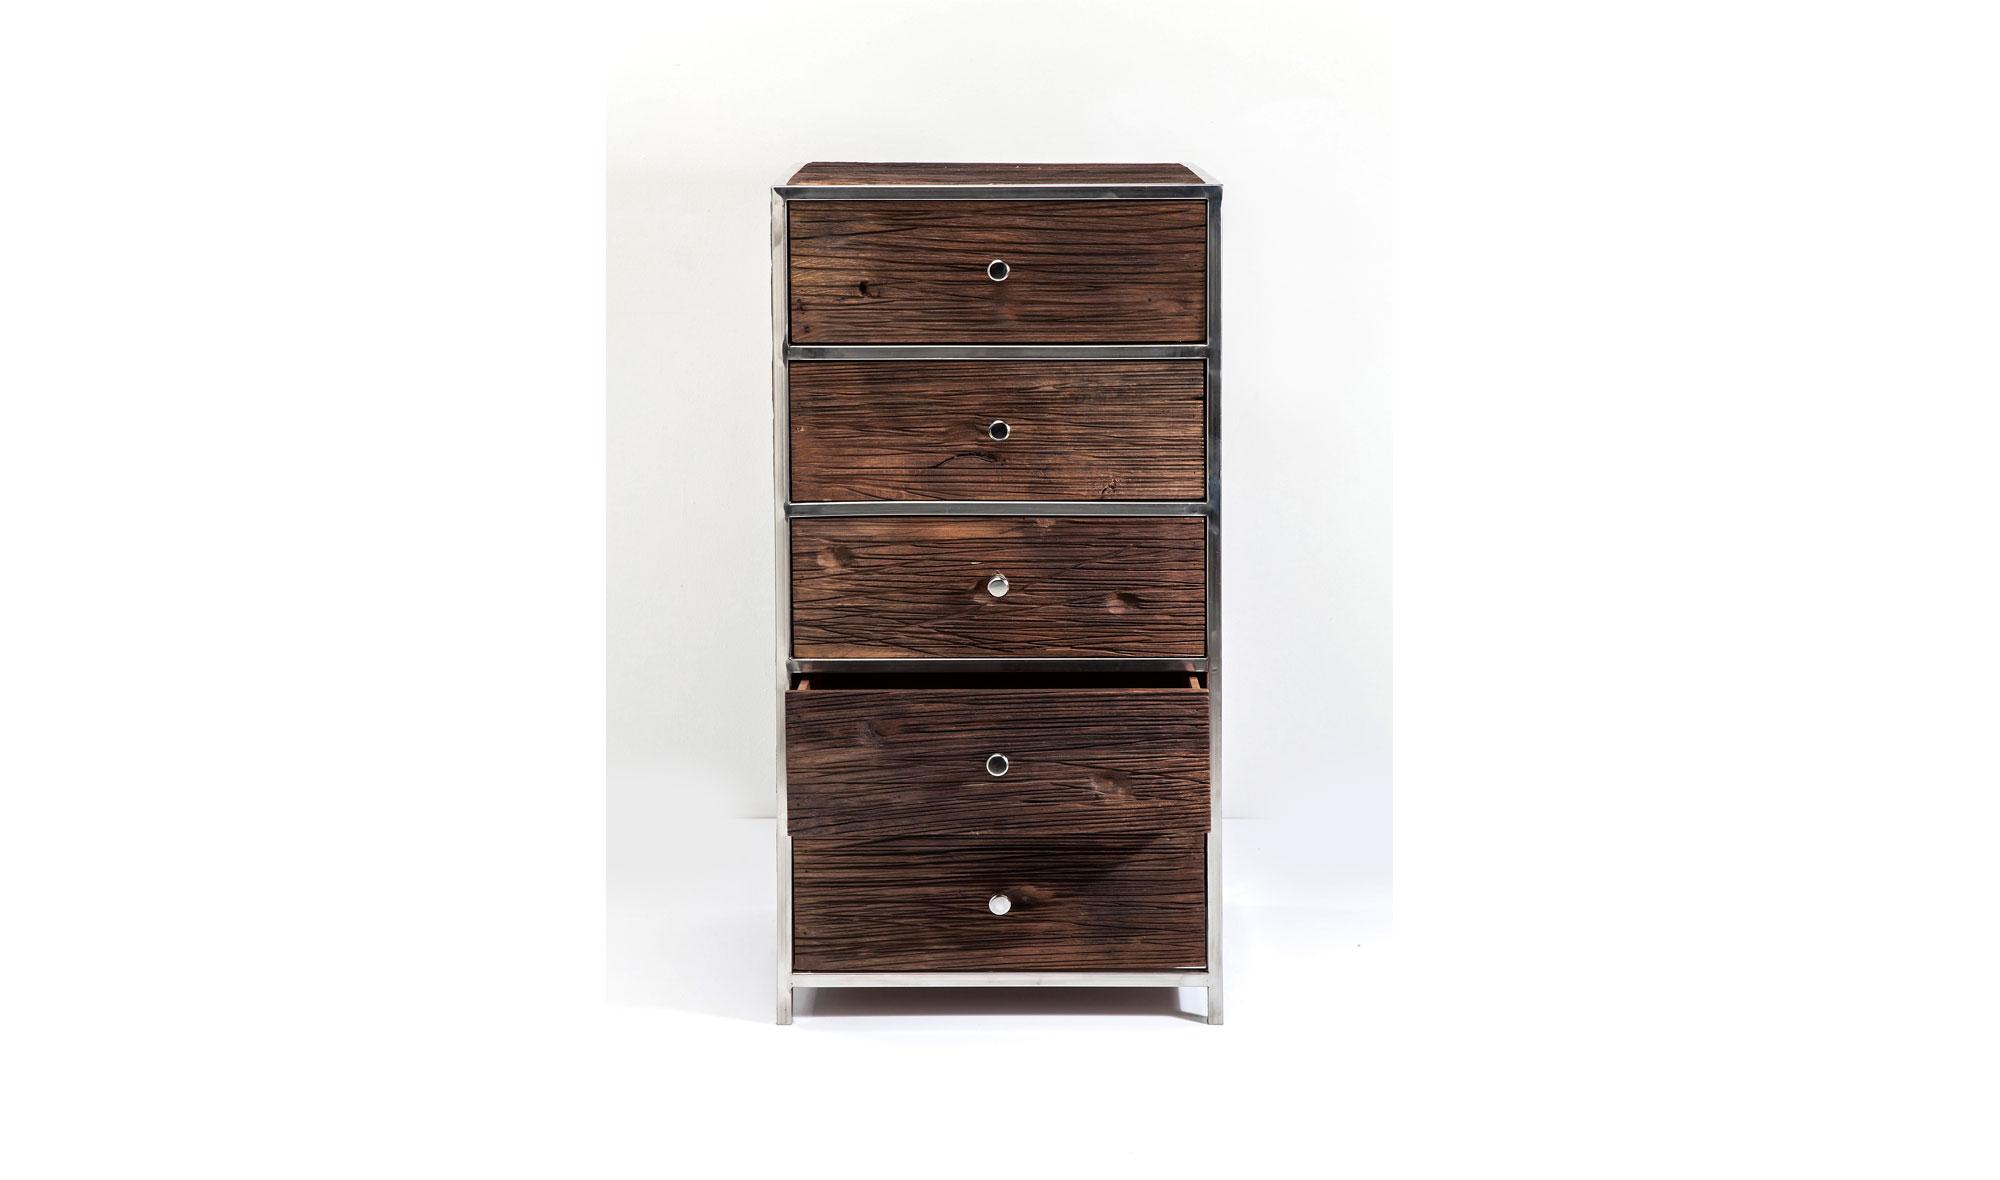 Muebles de madera tallada y piel natural de vaca (1022)